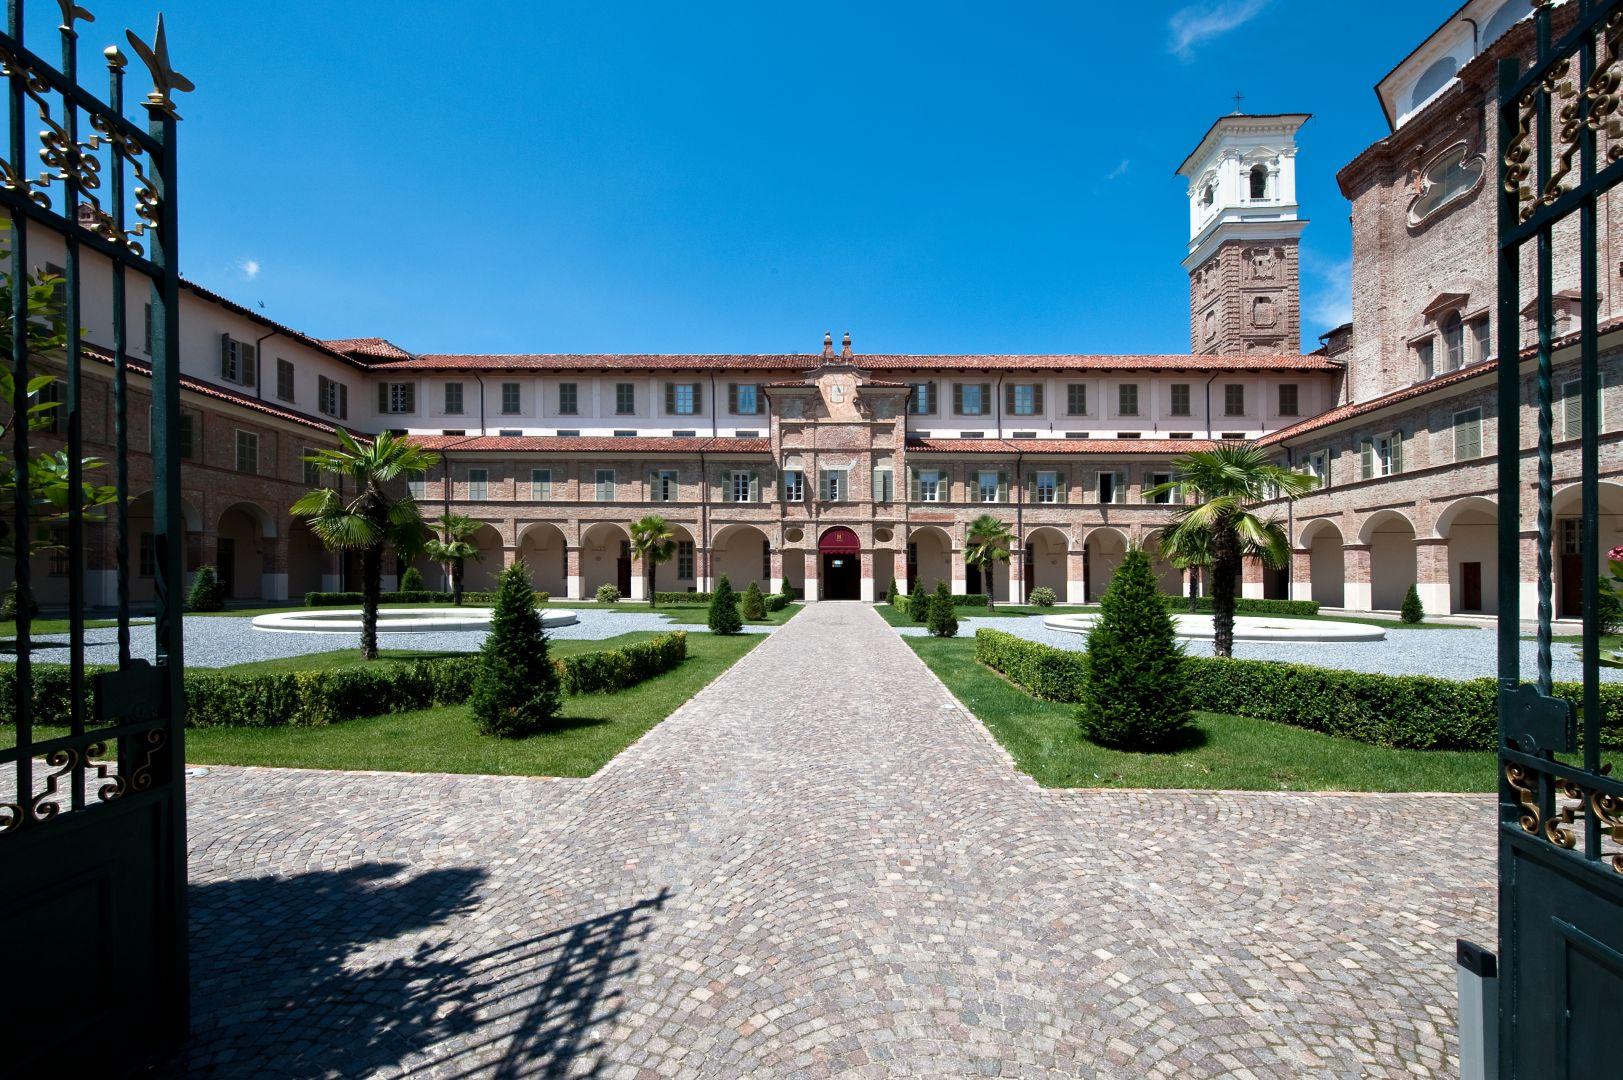 Cherasco Italy  city photos gallery : Edifici storici monastero cherasco cuneo eikon panoramica giardino